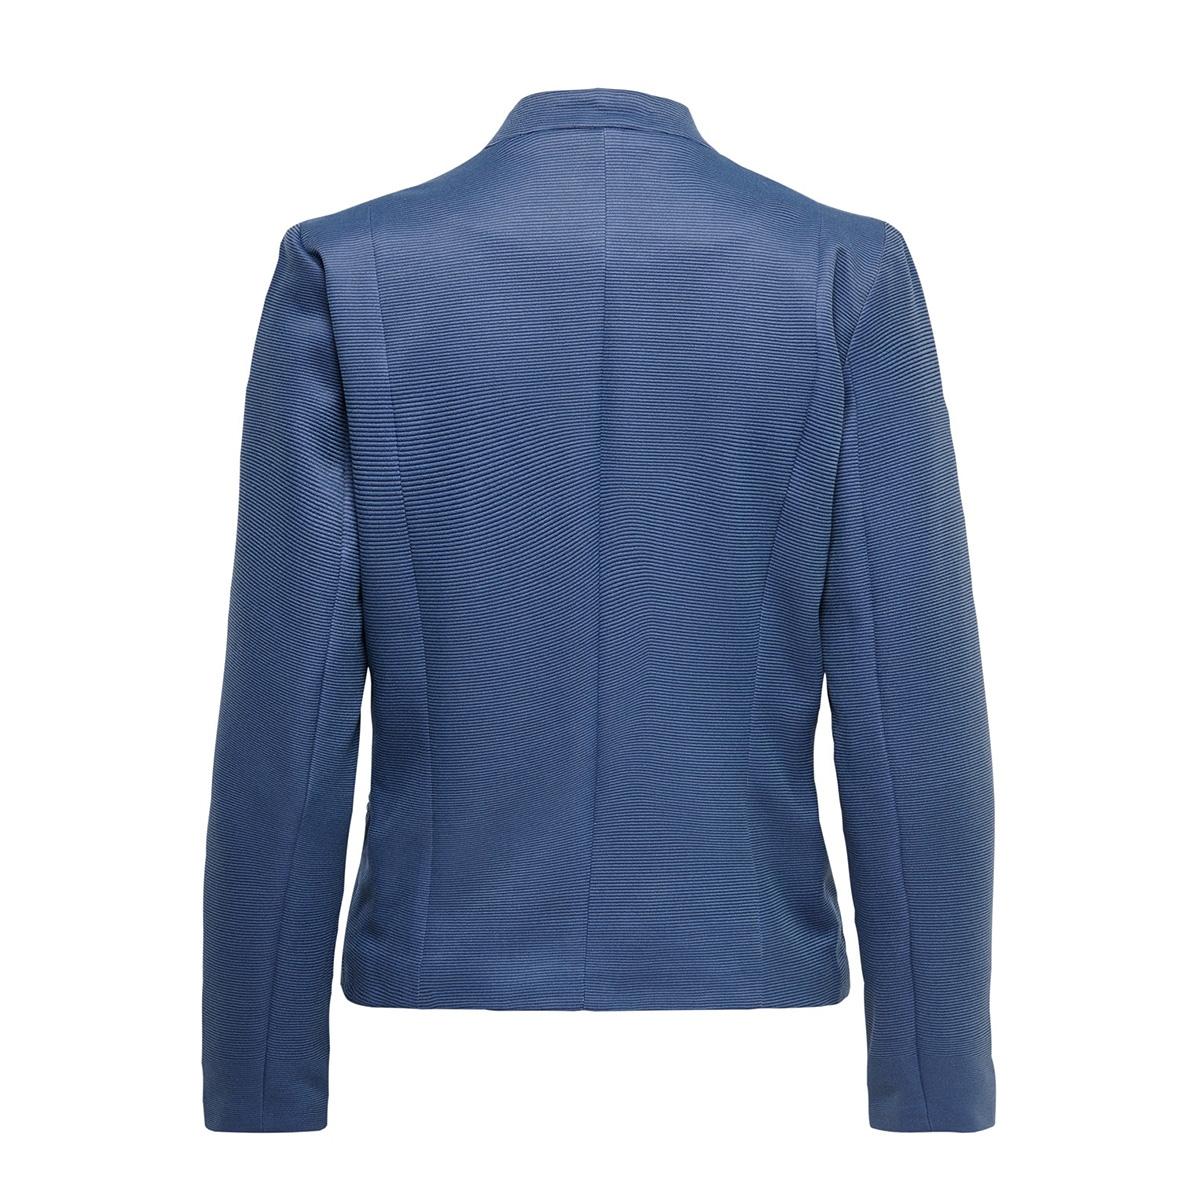 onlmaddy-icon l/s short blazer cc t 15191458 only blazer faded denim/w. night sky